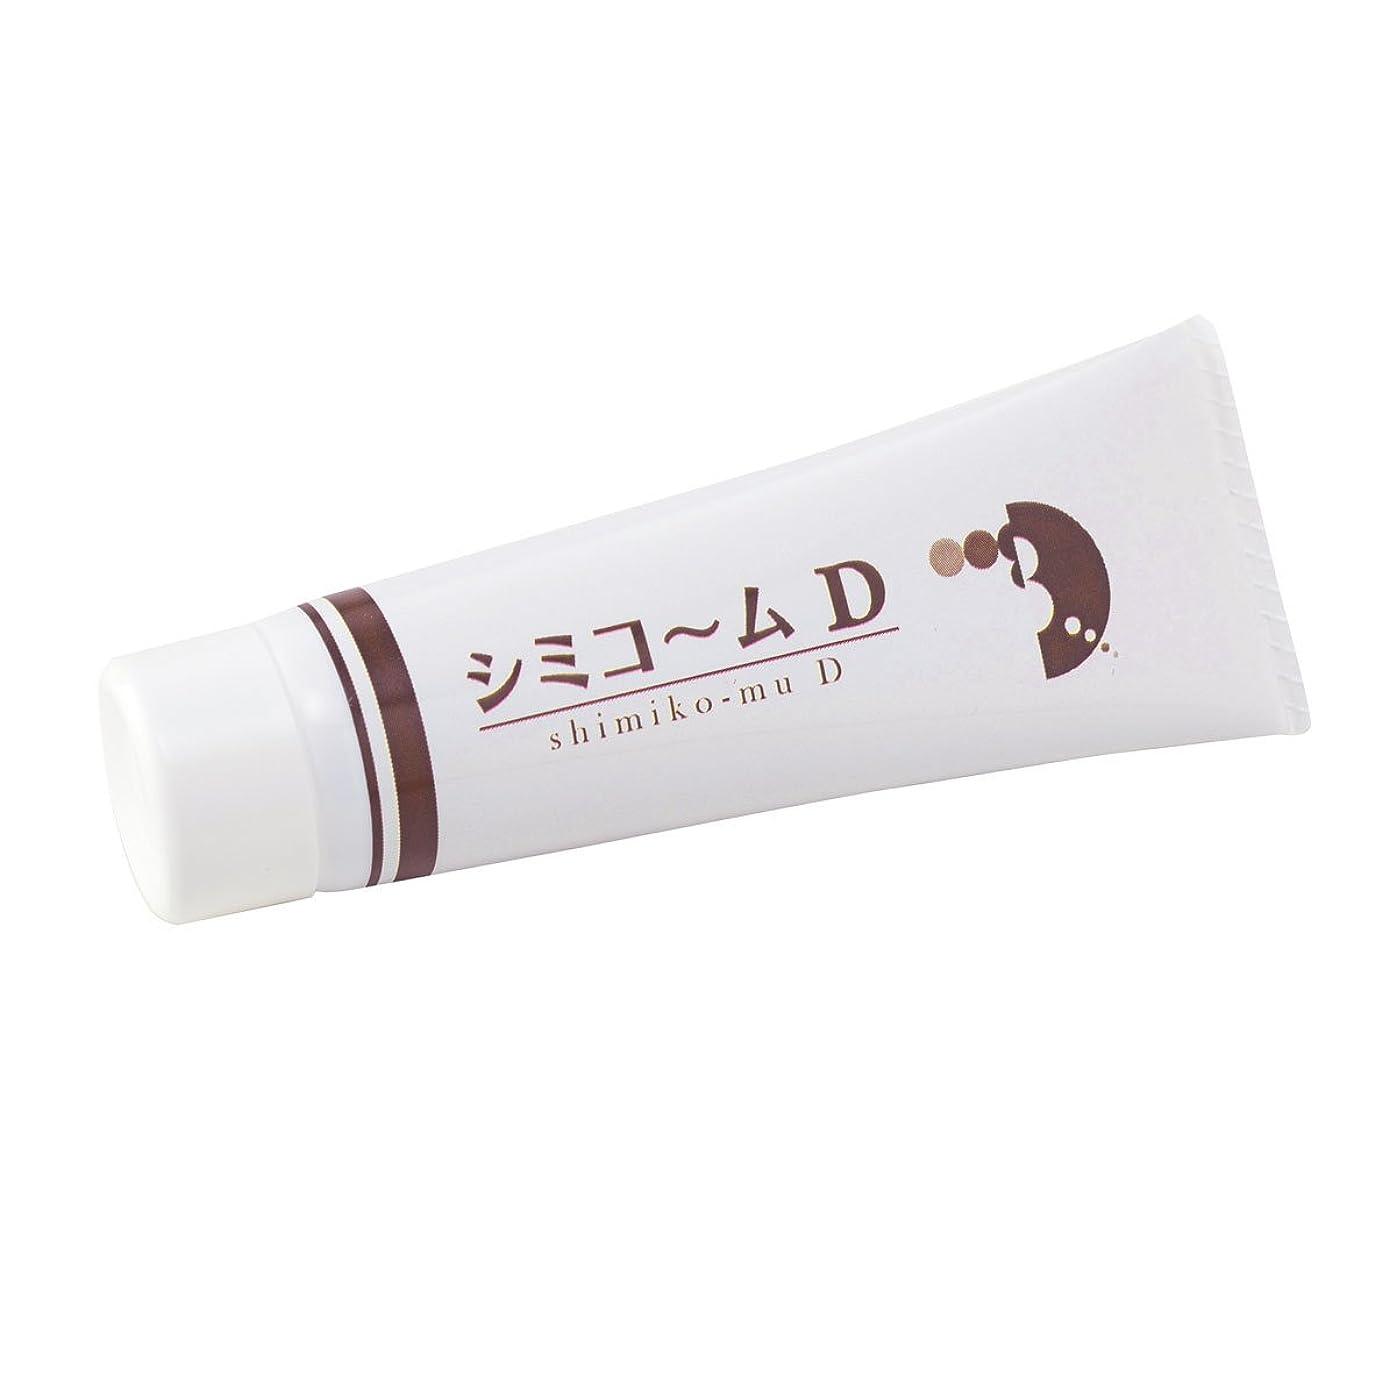 慎重に反対するホストしみ取り 化粧品 ハイドロキノン シミコ~ム D